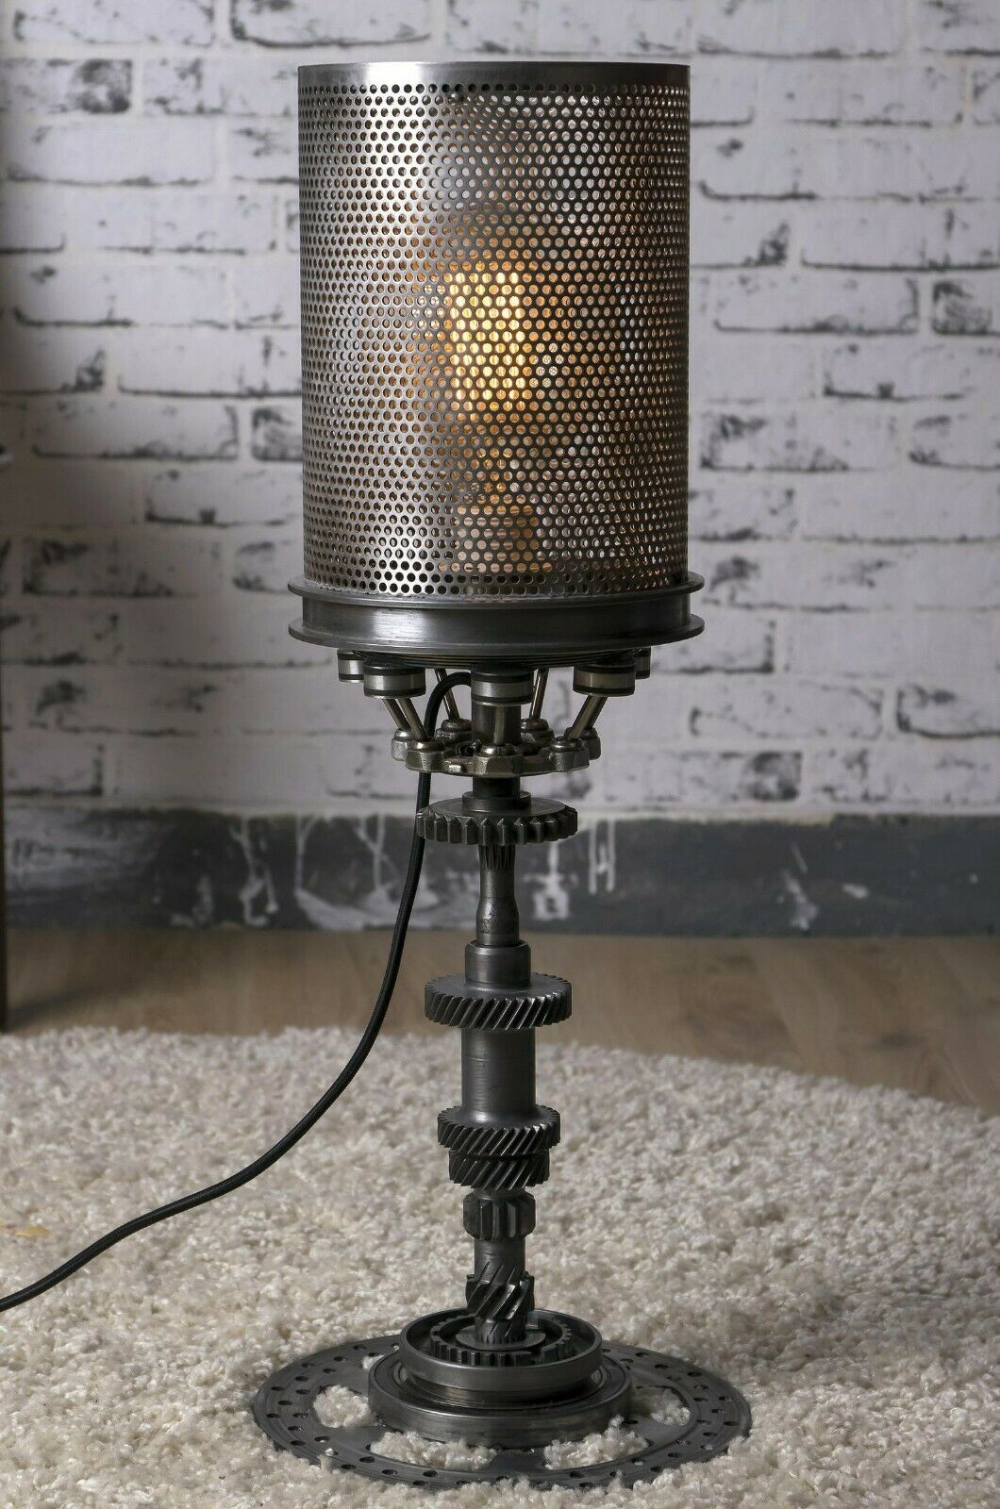 Einzigartige Steampunk Lampe Industrielle Beleuchtung Dekor Vintage Auto Teile Zahrad In 2020 Steampunk Lamp Diy Lamp Steampunk Lighting